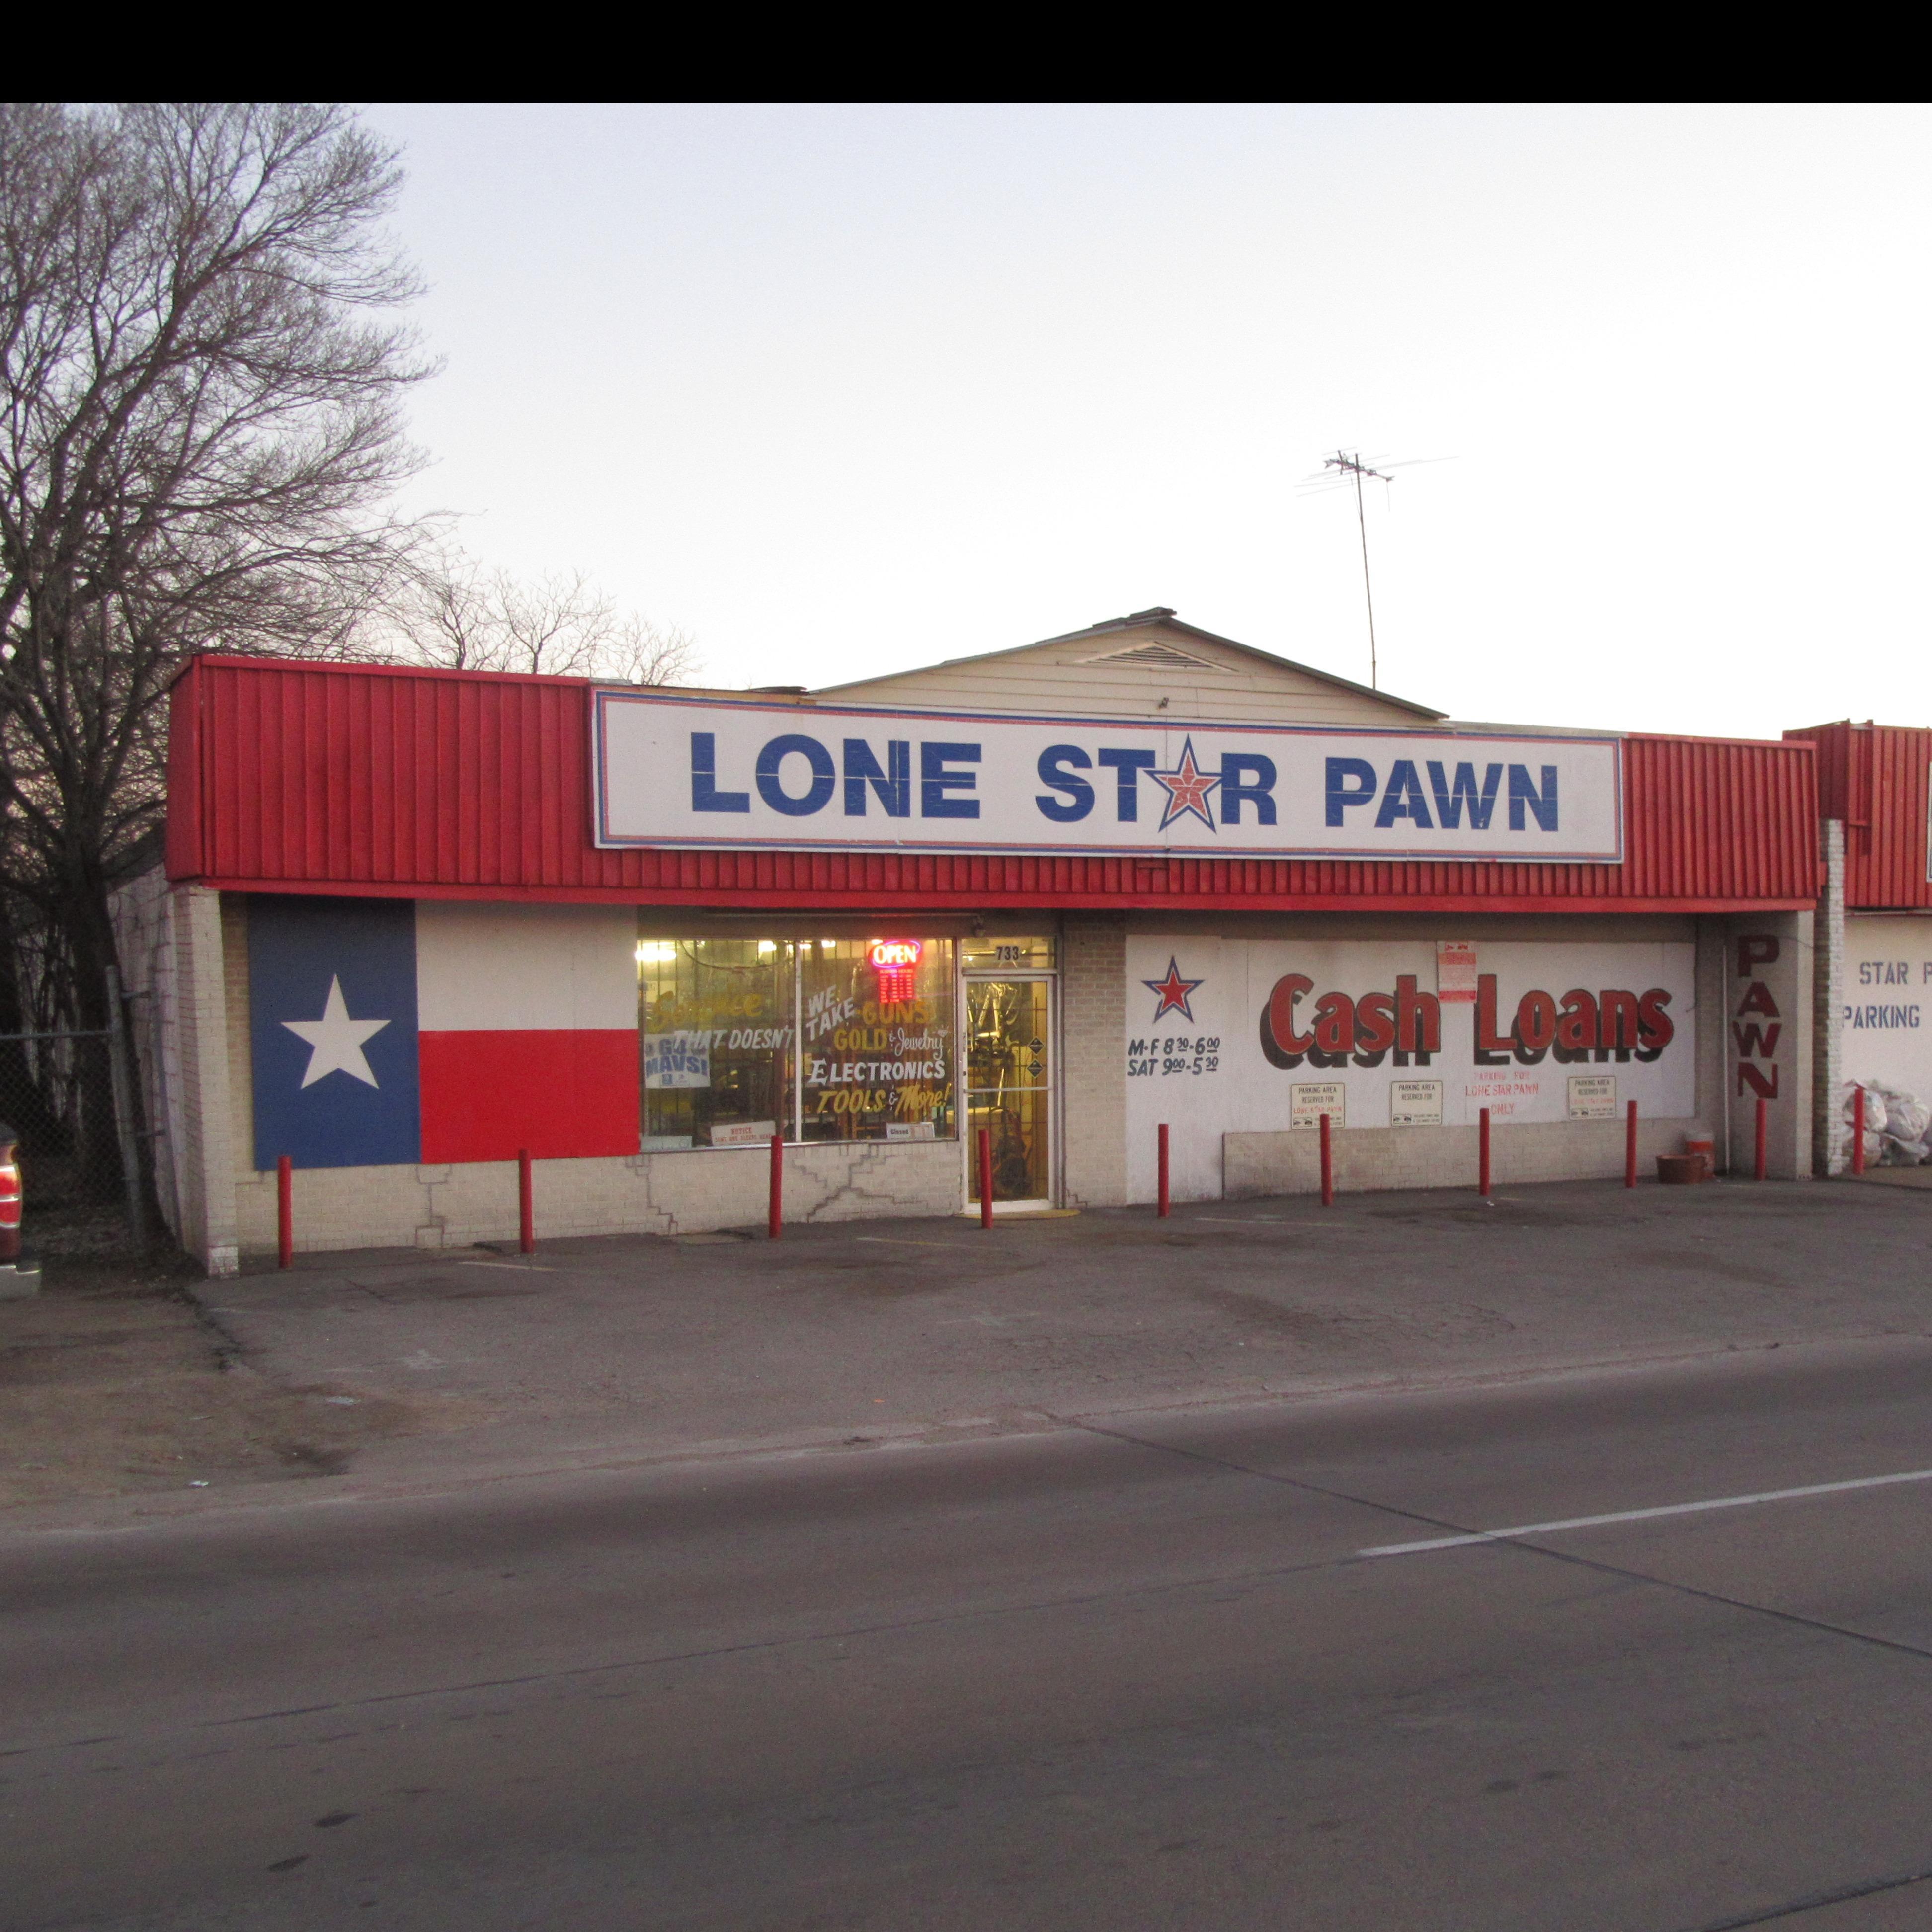 Lone Star Pawn Shop